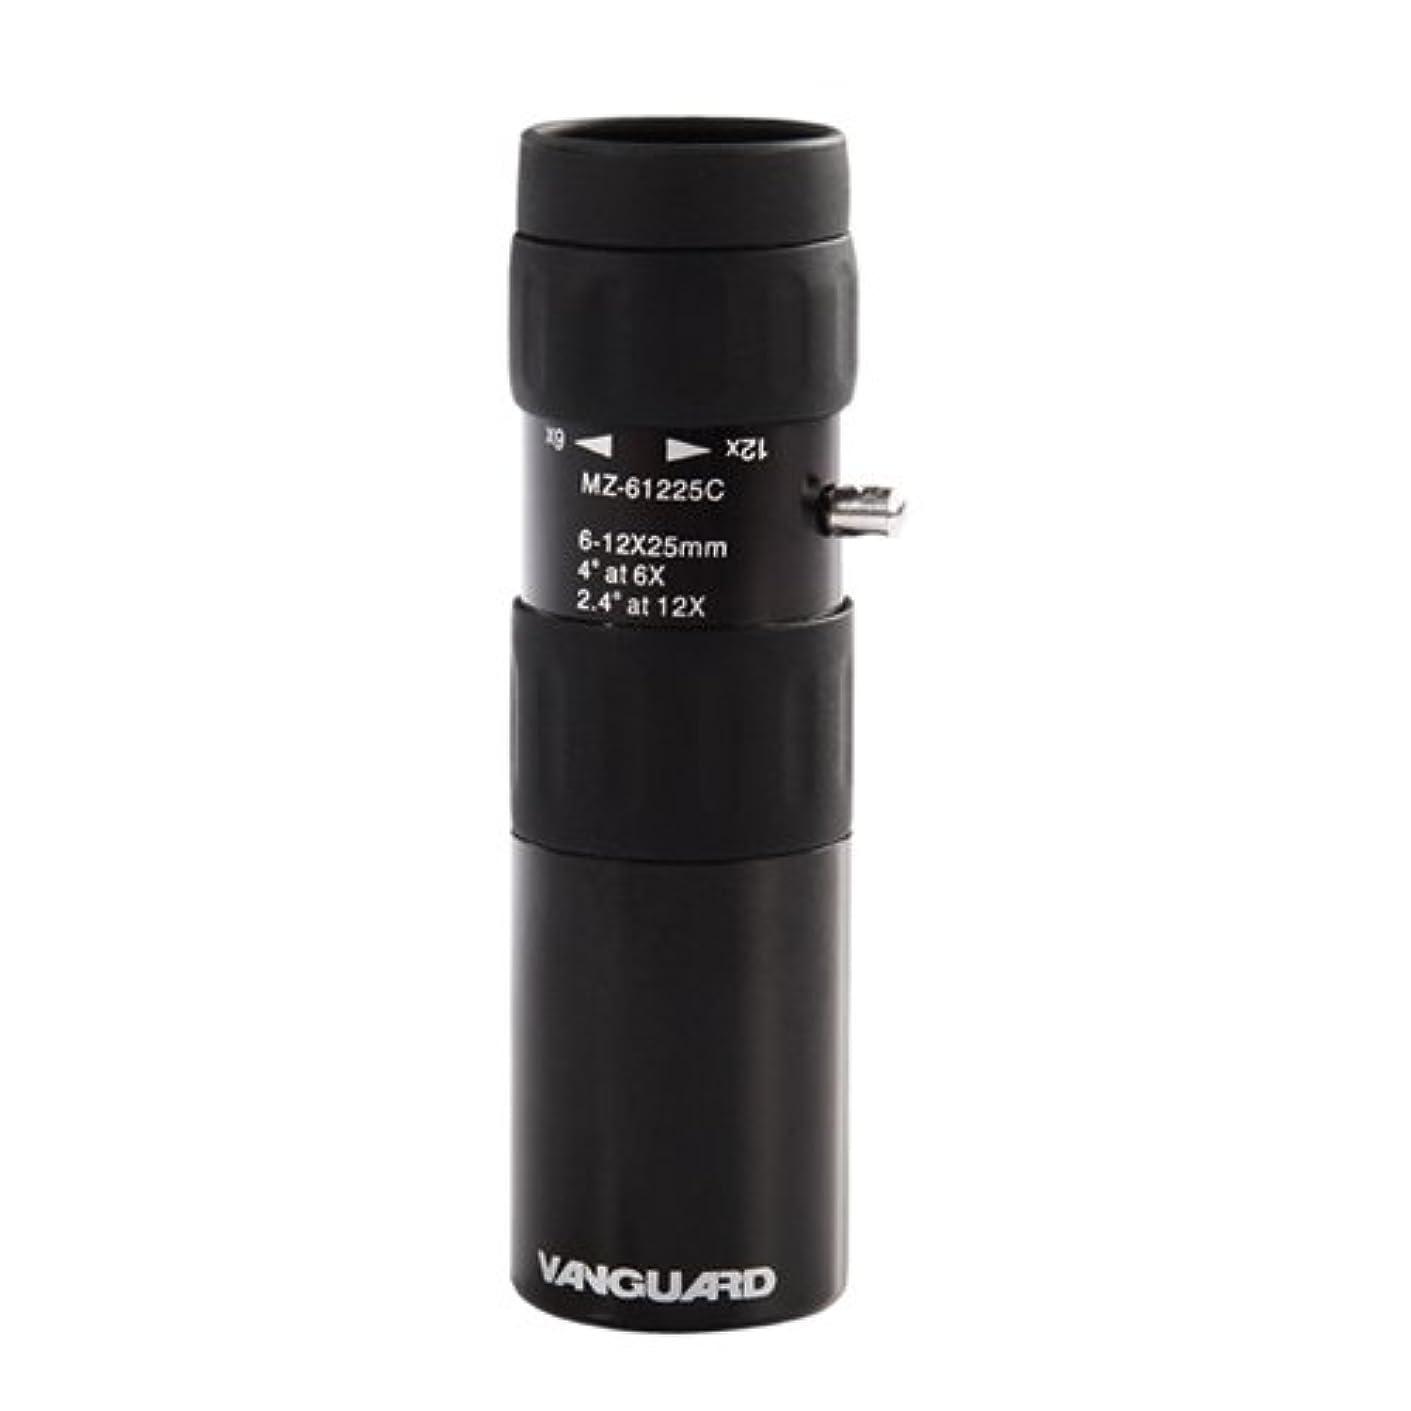 明らか弱い不調和VANGUARD ズーム式単眼鏡 MZ-61225C 6~12倍 25口径